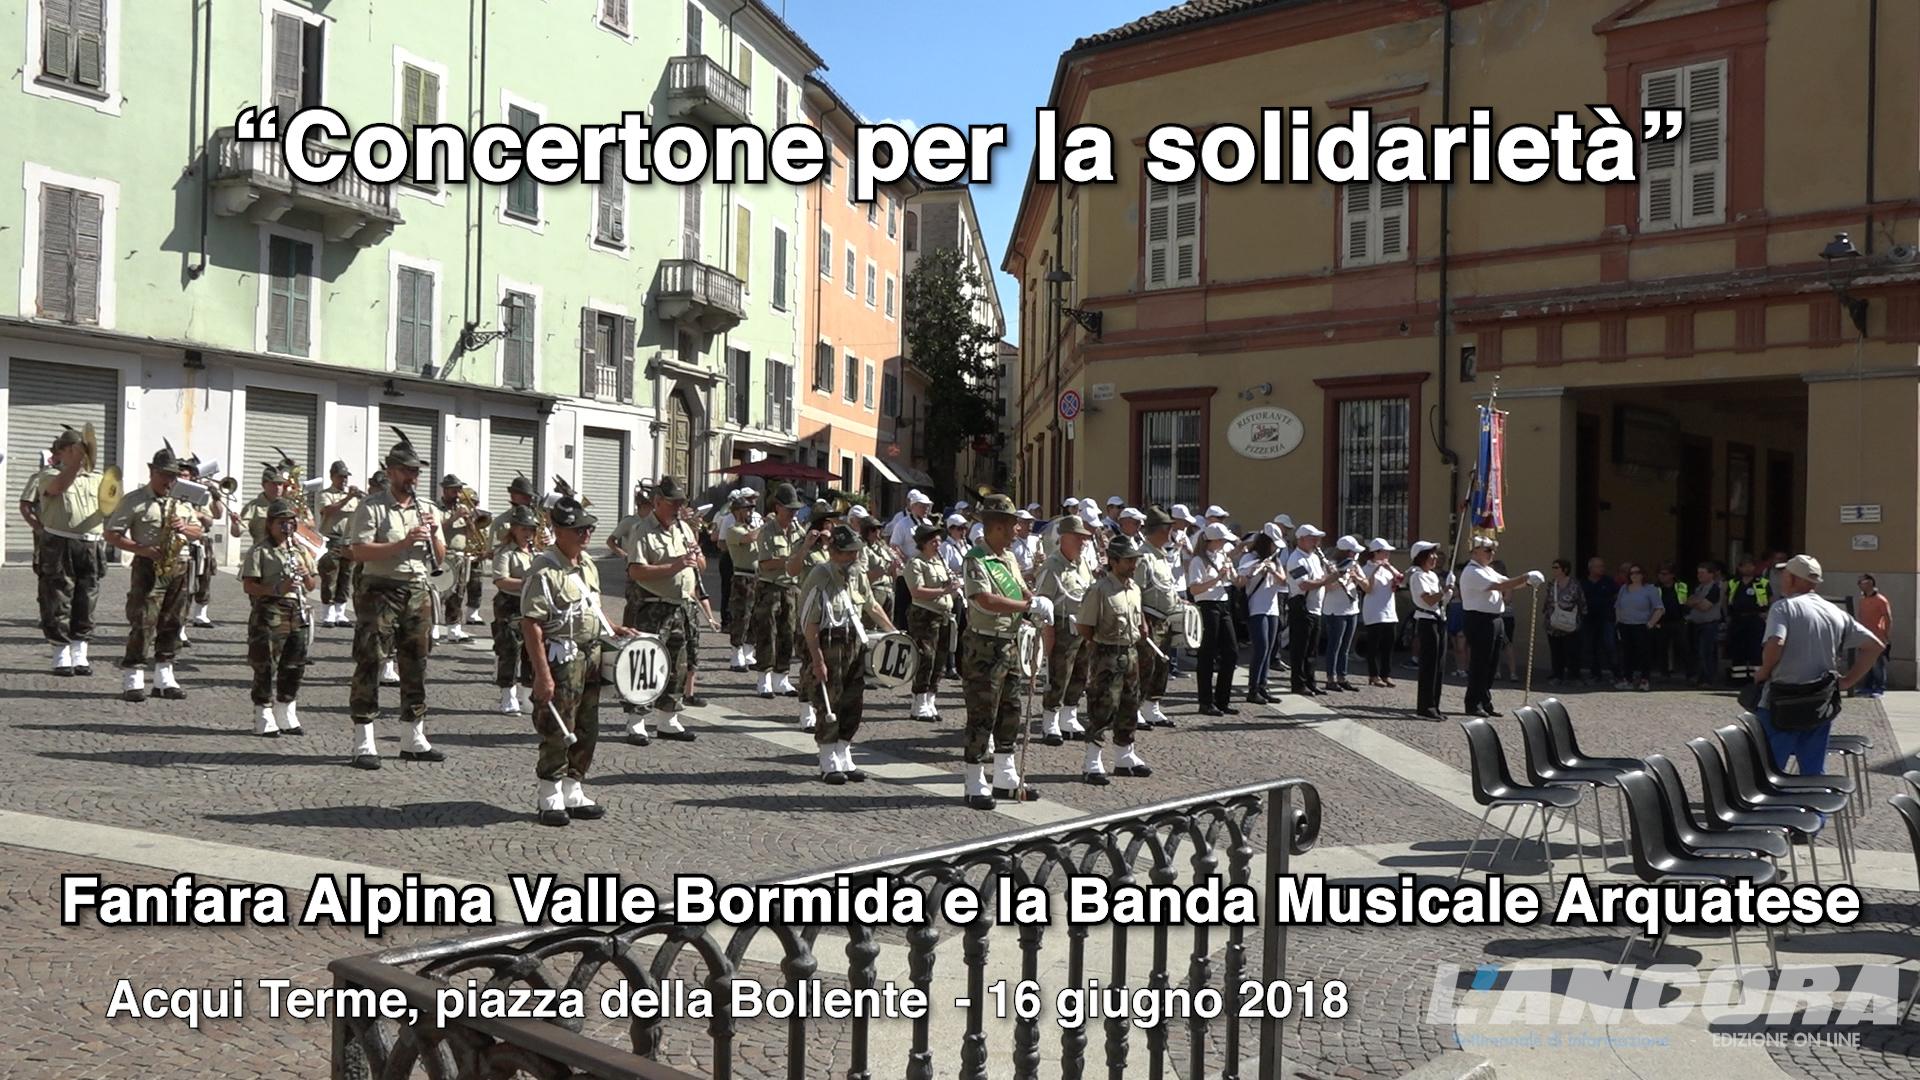 Acqui Terme - Concertone per la solidarietà (VIDEO)